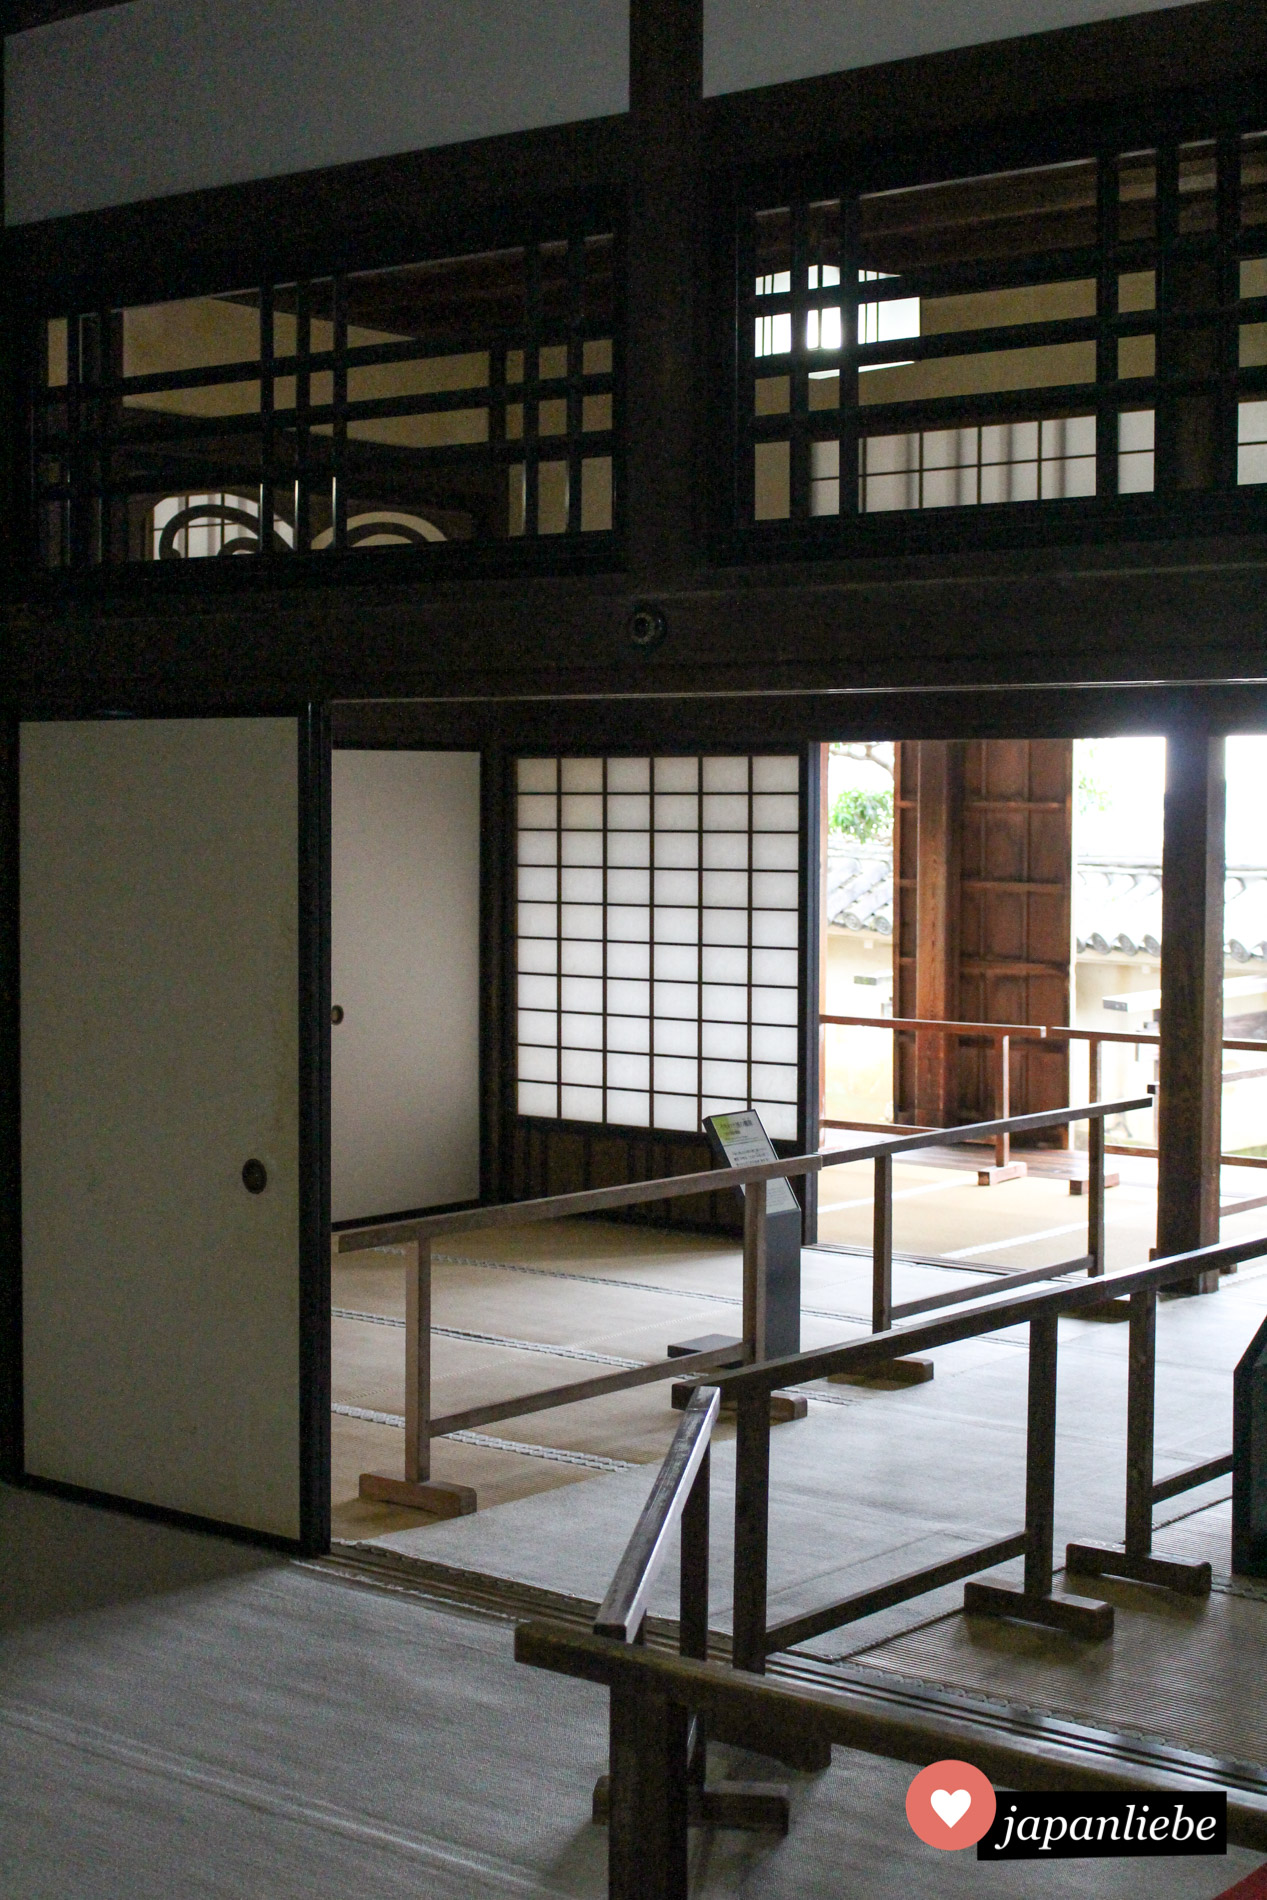 In Burg Kōchi, eine der zwölf original erhaltenen Festungen, bekommt man einen guten Eindruck davon, wie es in den Burgen früher aussah.